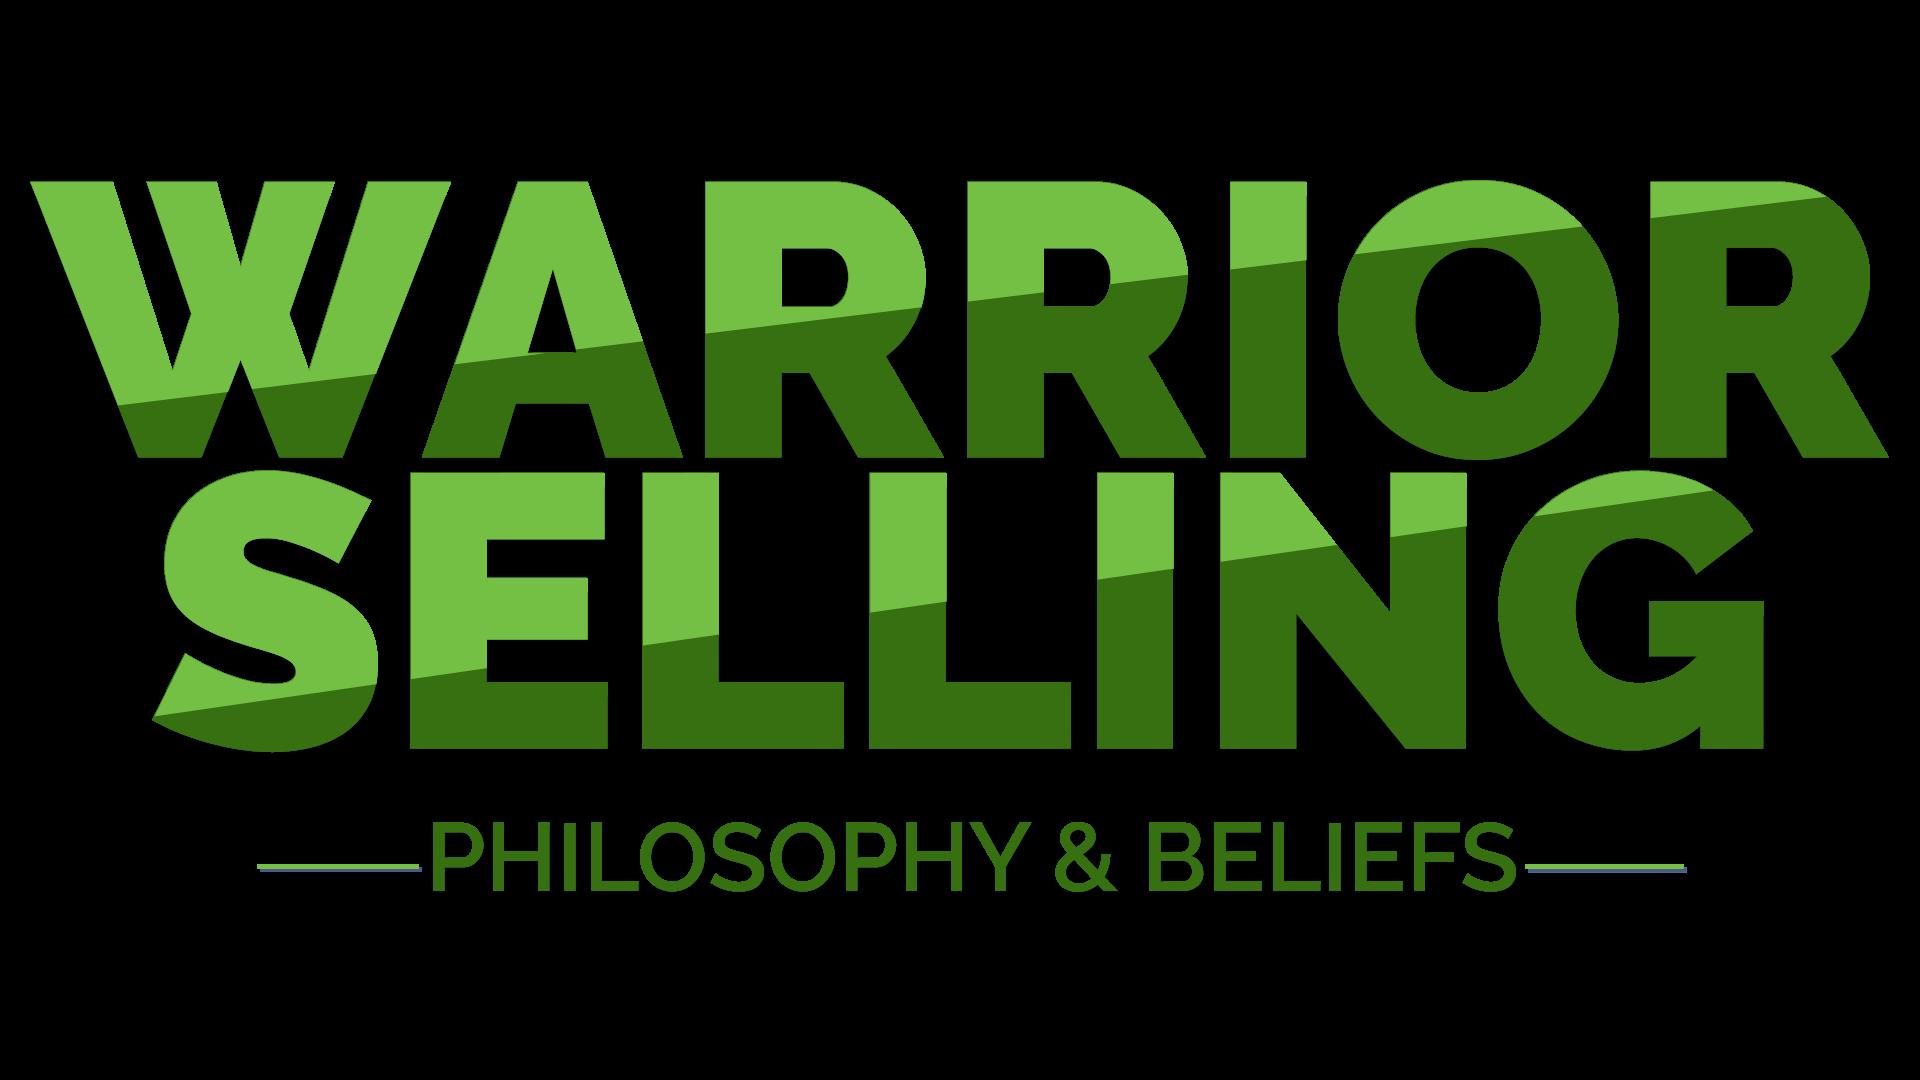 WARRIOR SELLING BELIEFS PHILOSOPHY